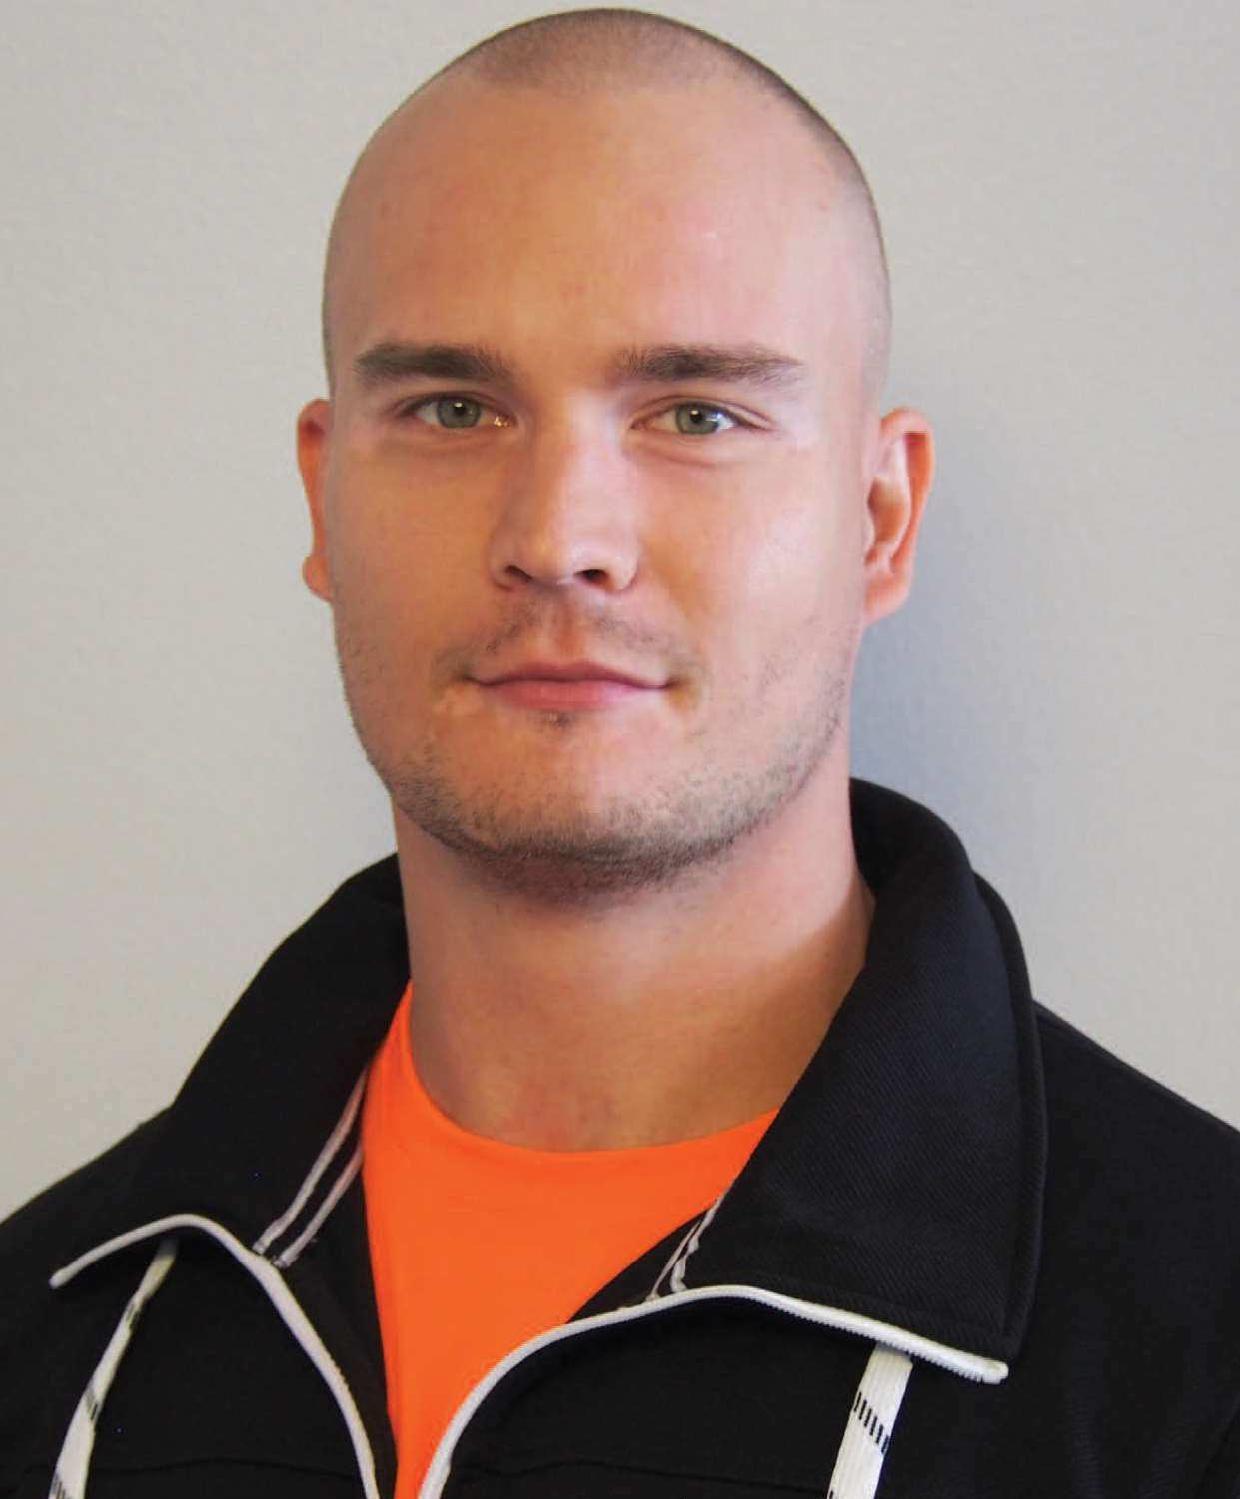 Personal Trainer Johannes Arola painottaa ohjaamistaan erityisesti kehonmuokkaukseen.